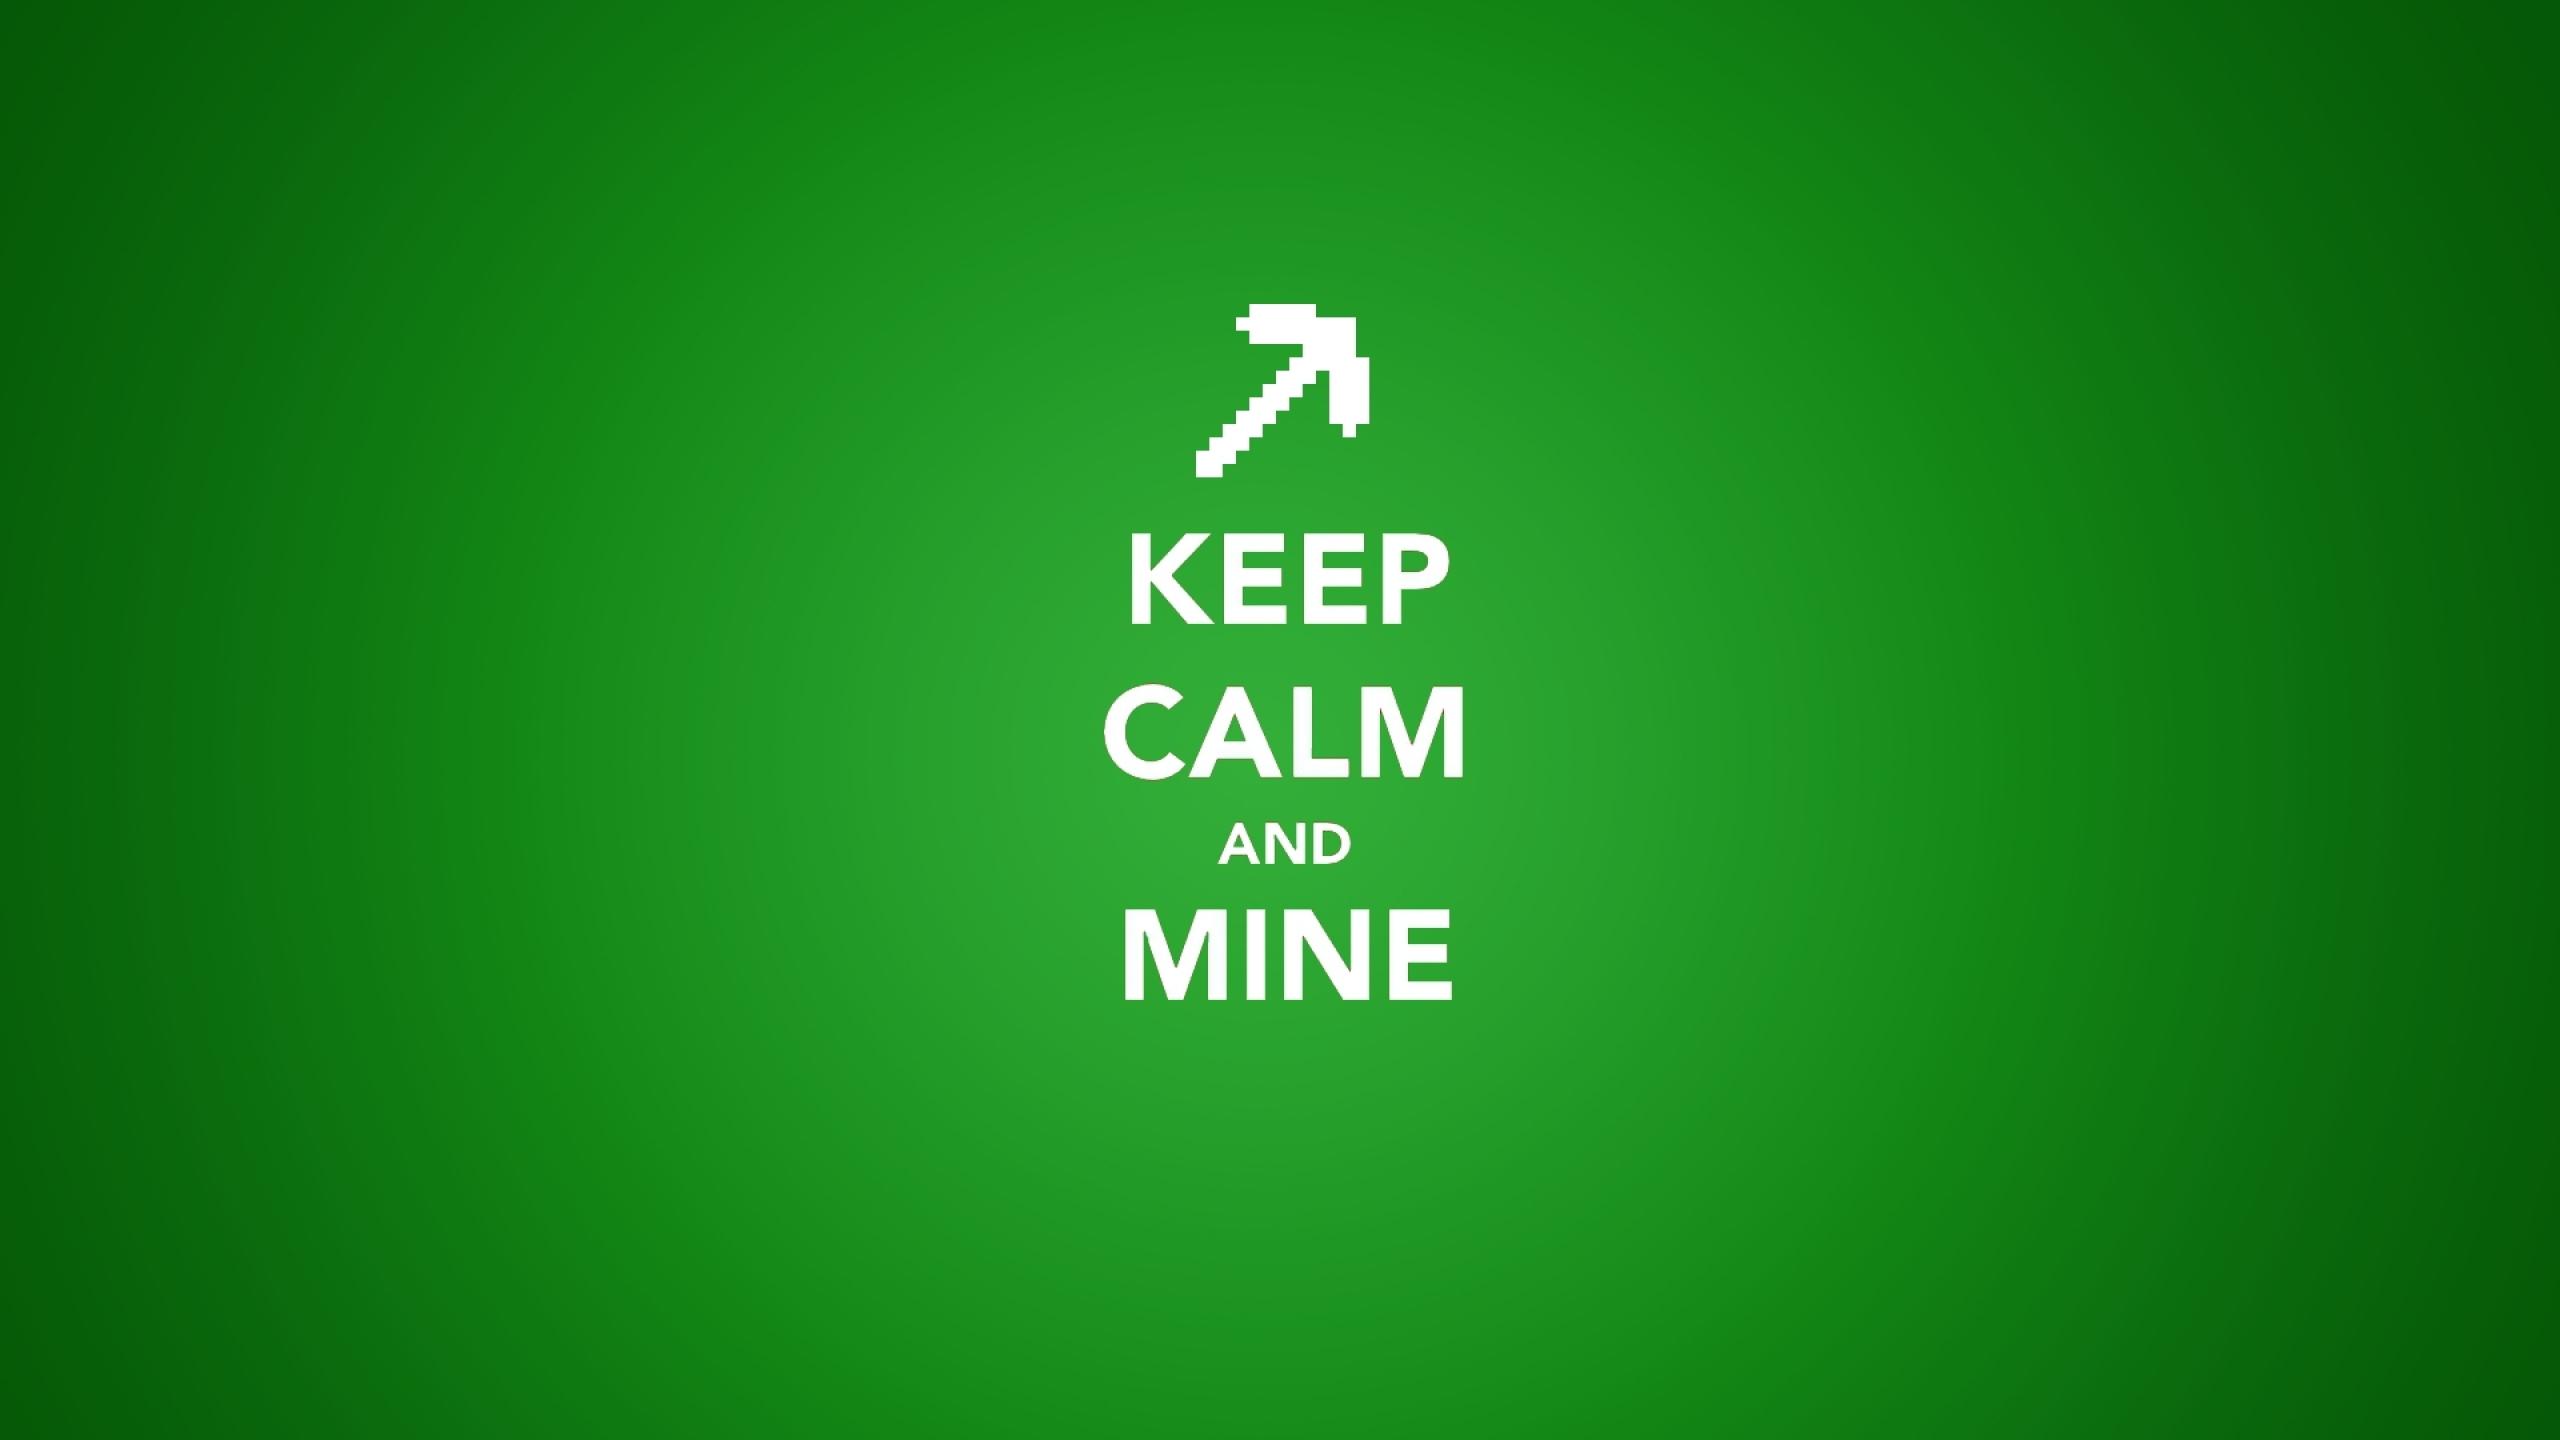 minecraft keep calm and 1920x1080 wallpaper Wallpaper 2560x1440